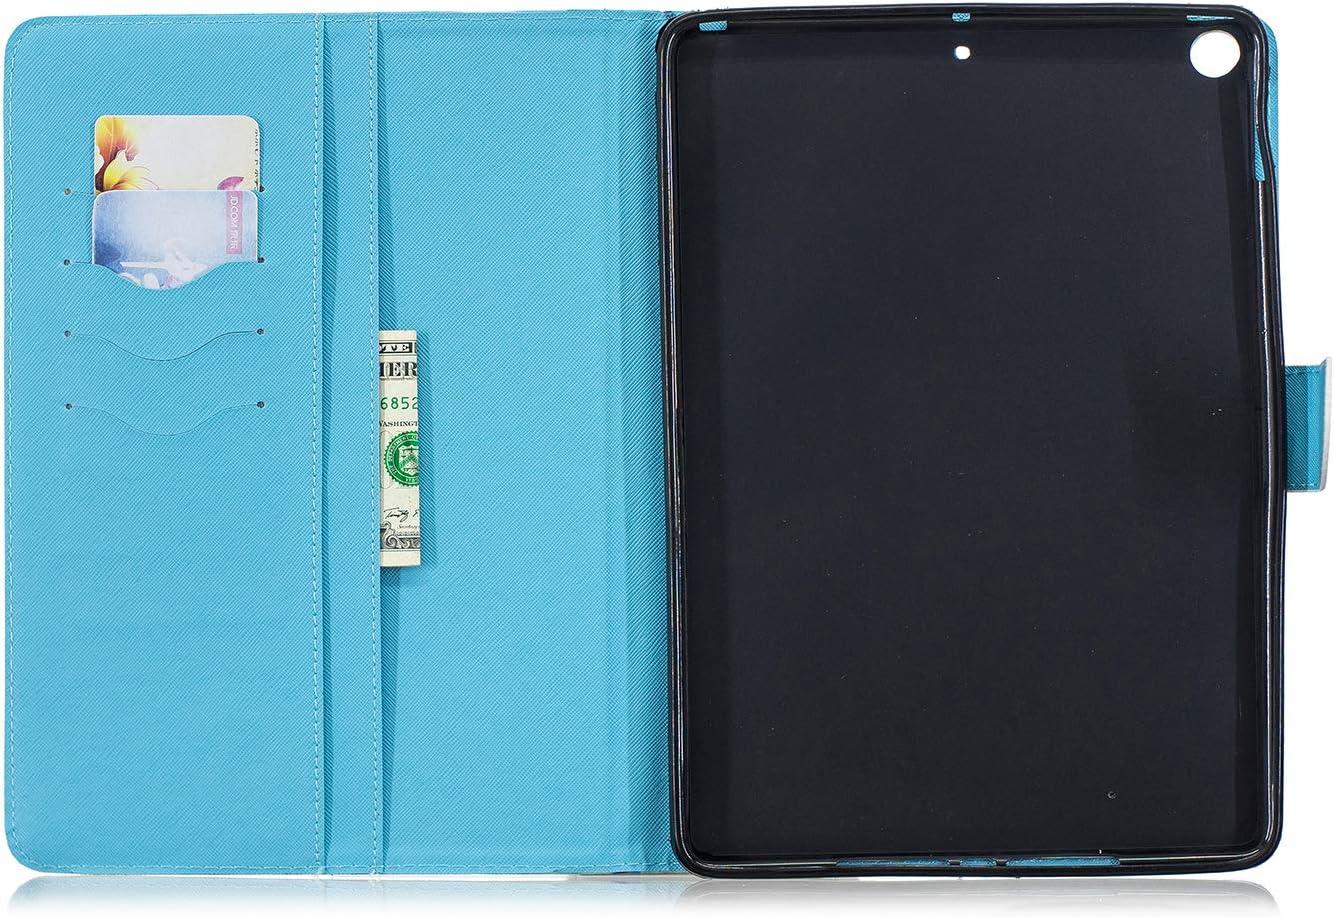 Protettiva Custodia in Pelle e iPad iPad iPad Air 2 2017 Supporta Funzione Auto Sveglia//Sonno 2018 con Funzione di Stand Flip Copertina Case Cover Tasca Hious Custodia per iPad Air